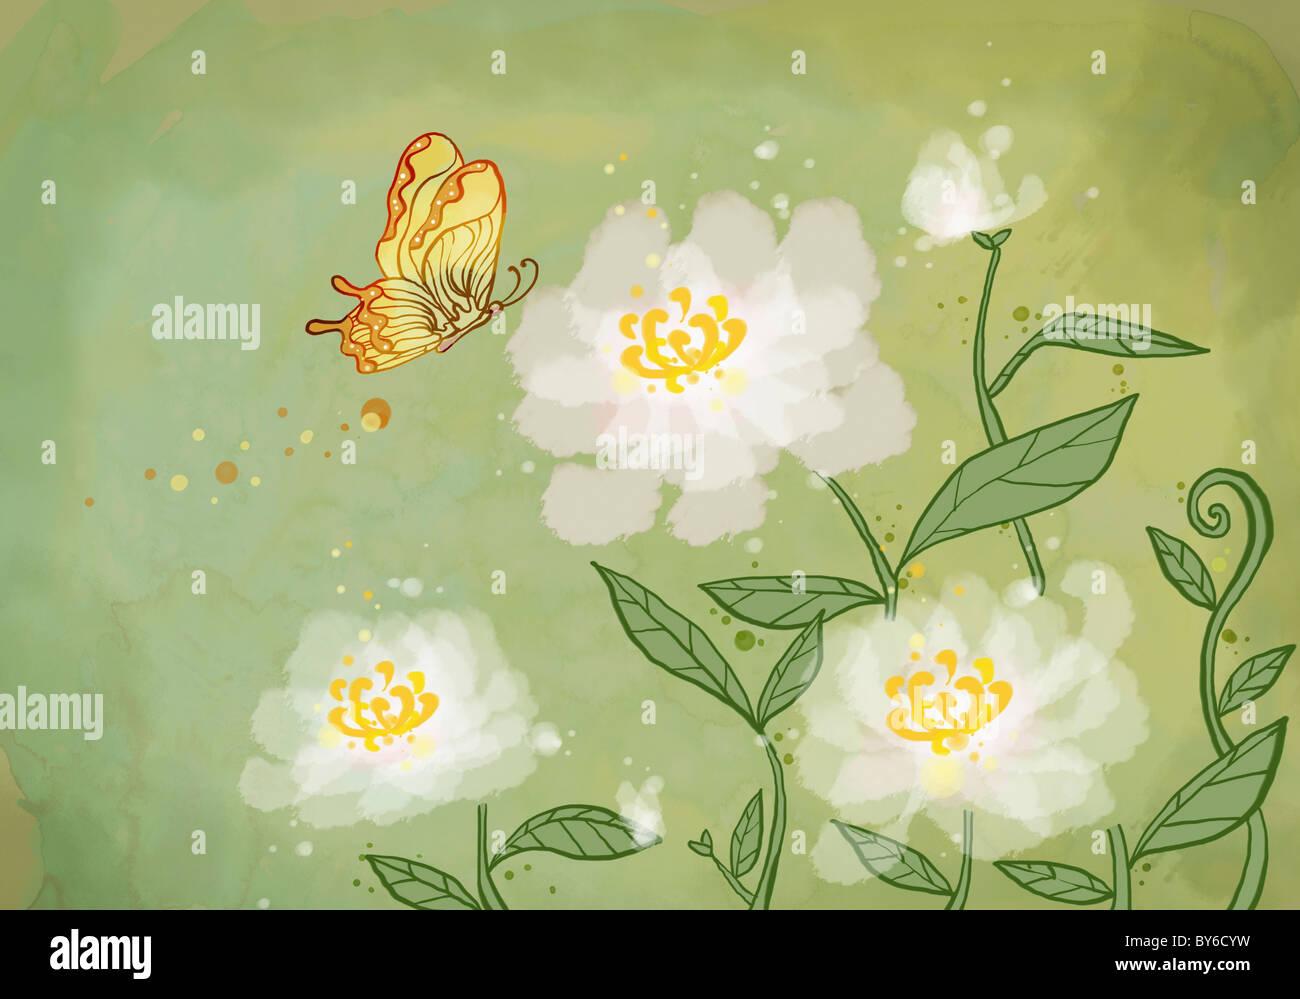 Saludo de Año Nuevo la ilustración en ambiente oriental Imagen De Stock